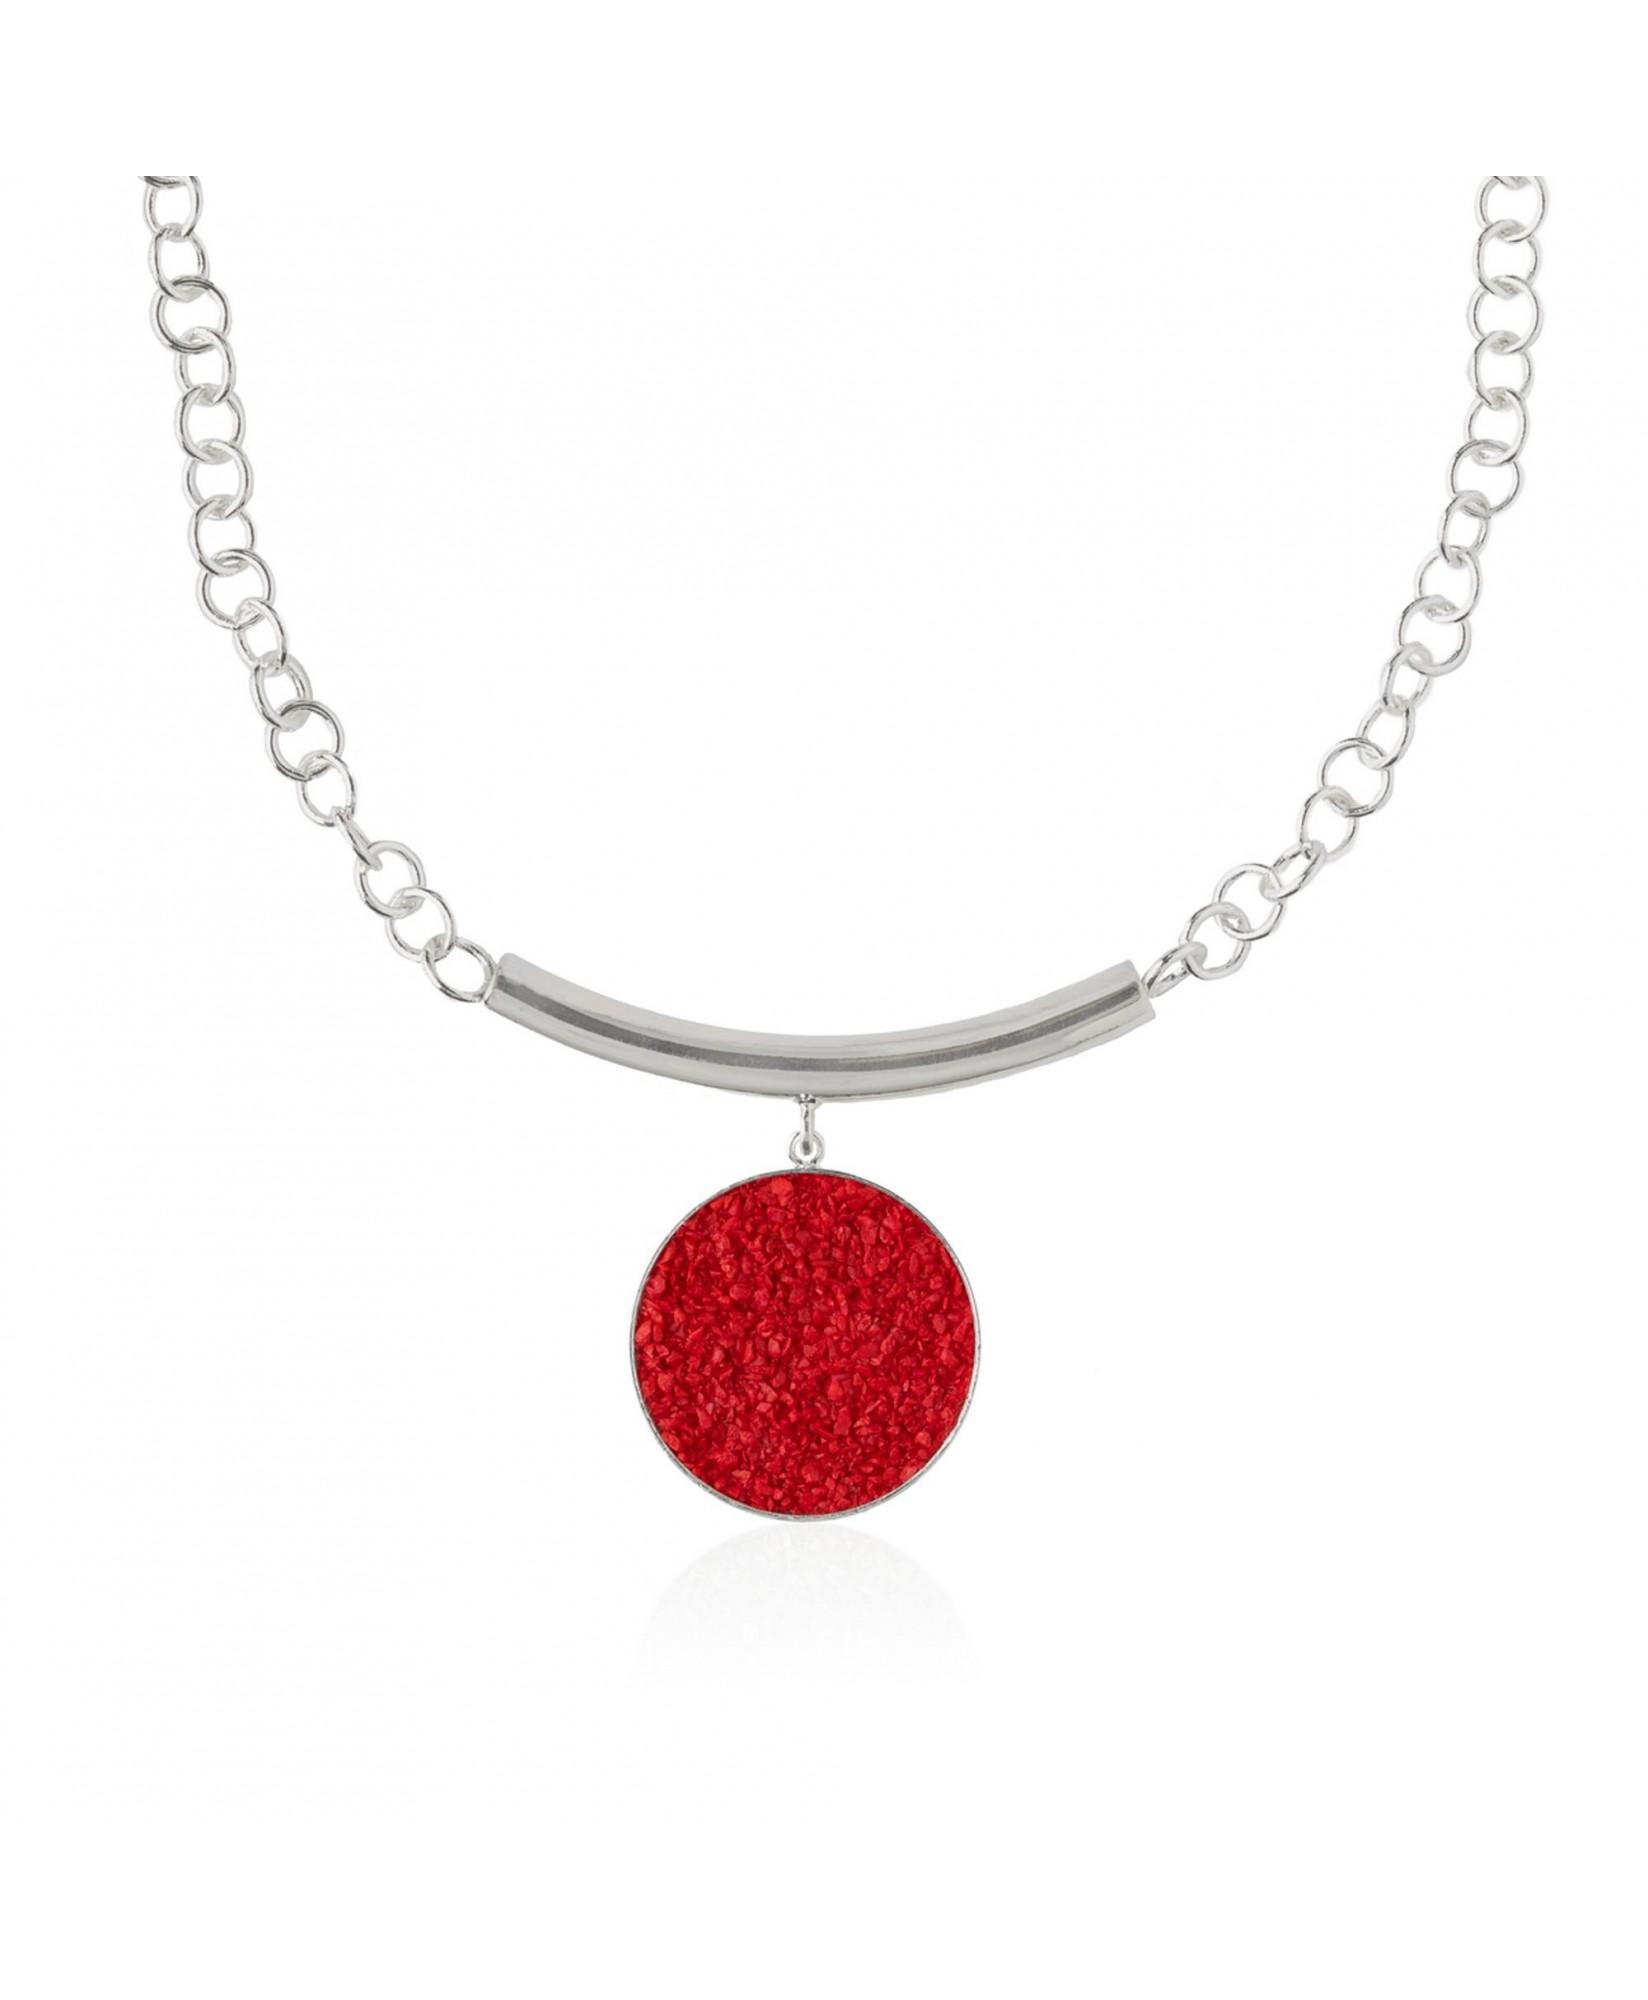 Collar de plata y nácar rojo Estia con colgante Collar de plata y nácar rojo Estia con colgante